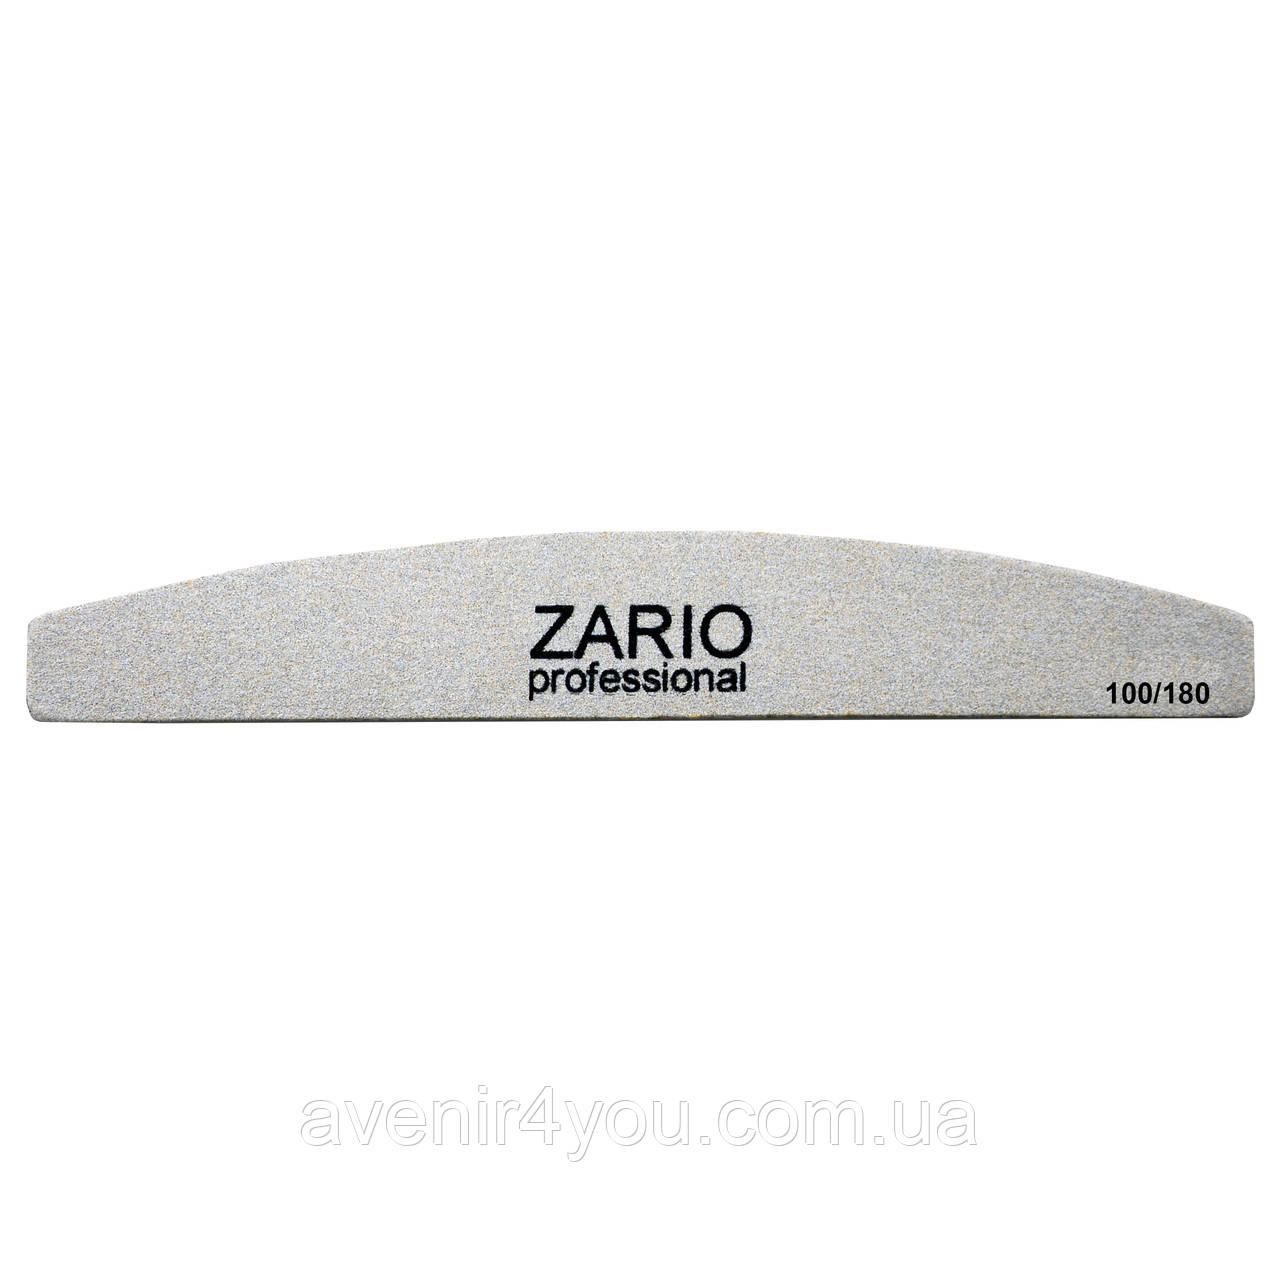 Тонкая пилка для ногтей Zario 100/180 грит Месяц